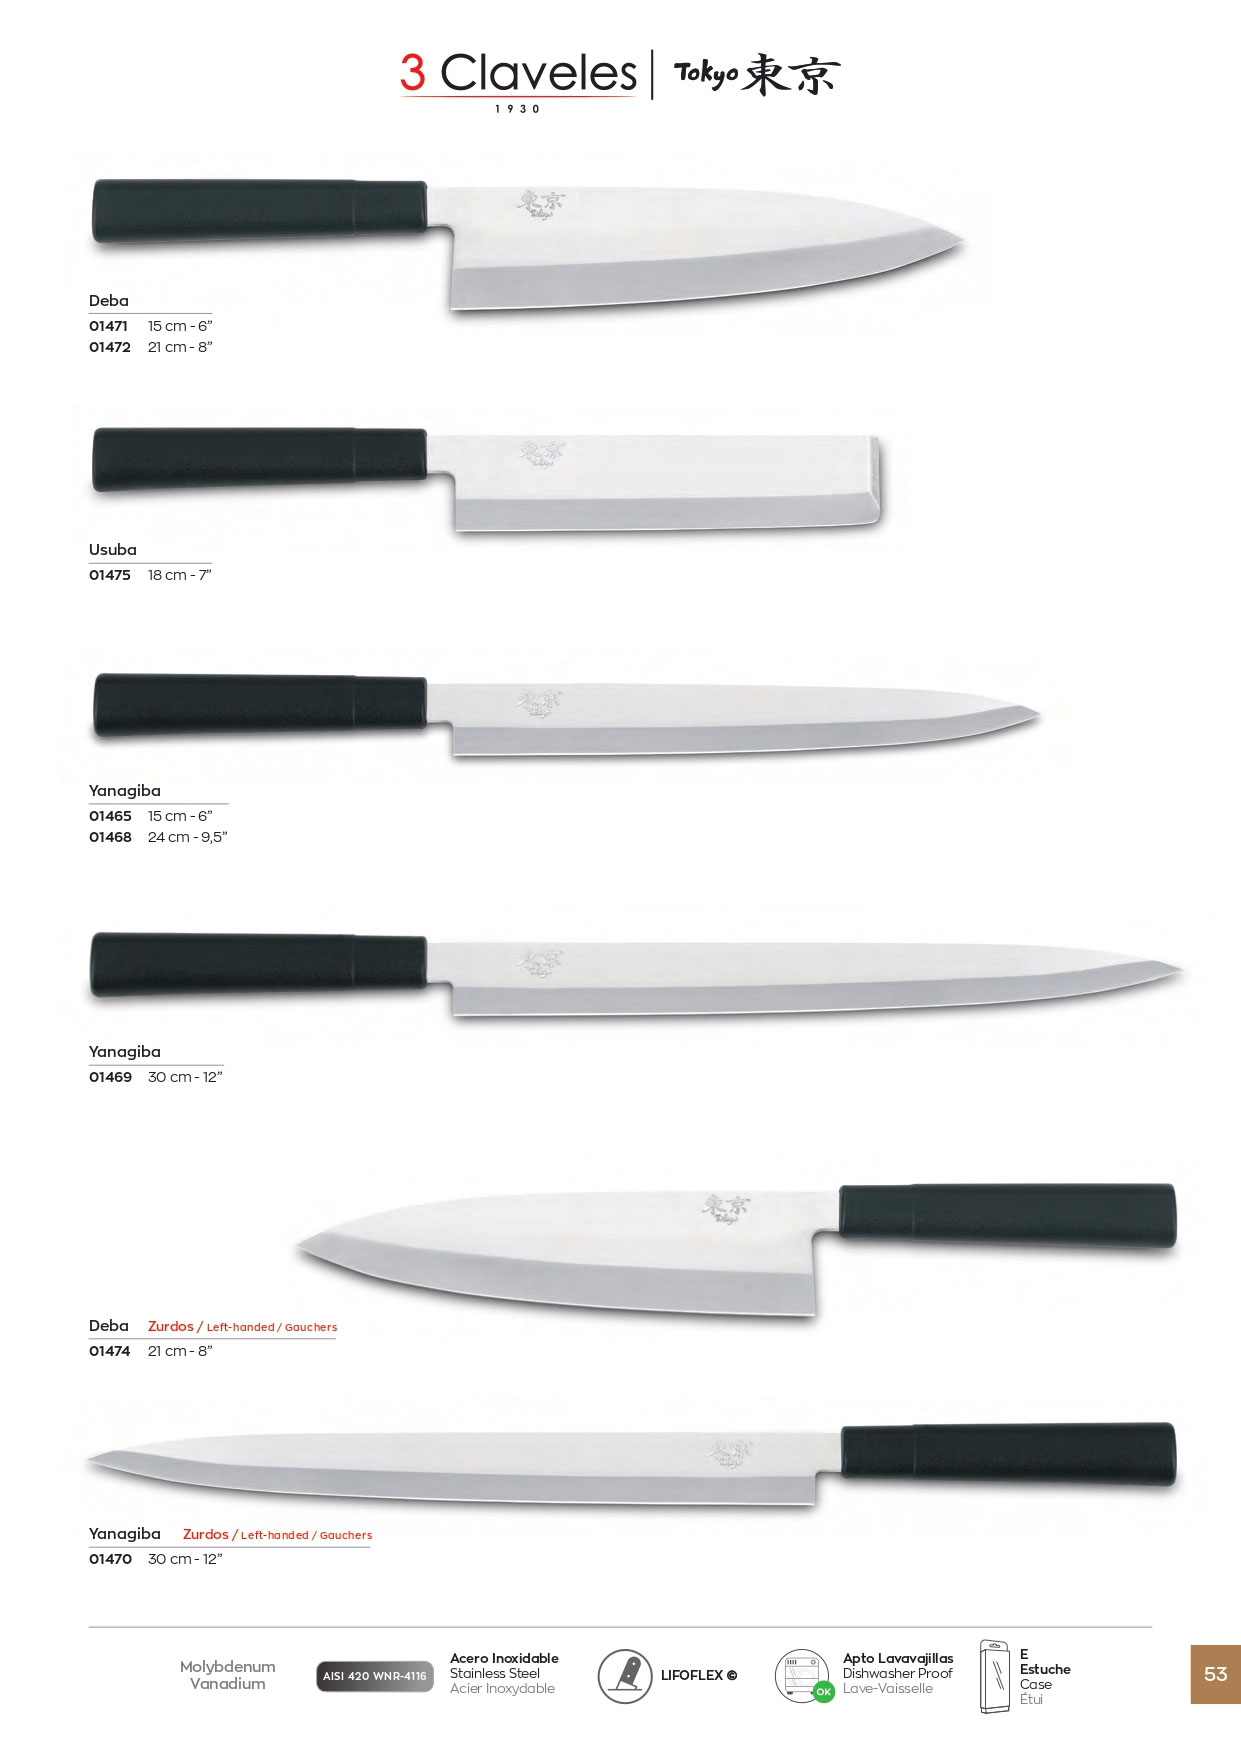 Professional knives cook cuchillos cocina tokyo 3 for Cuchillos cocina